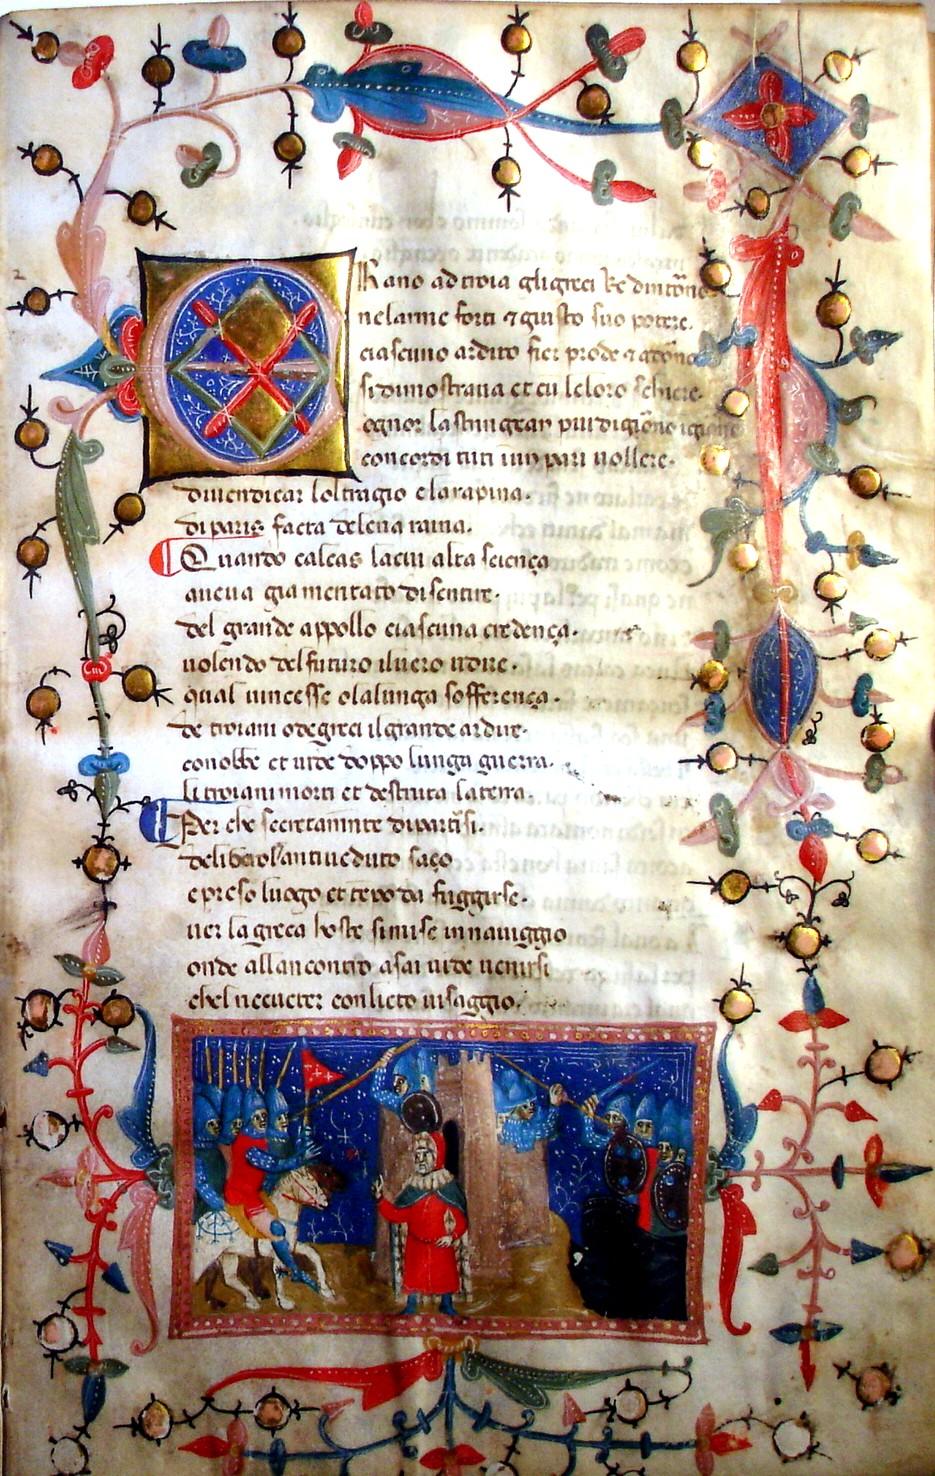 Fonte: https://upload.wikimedia.org/wikipedia/commons/f/f9/Boccaccio_Altonensis_1.jpg